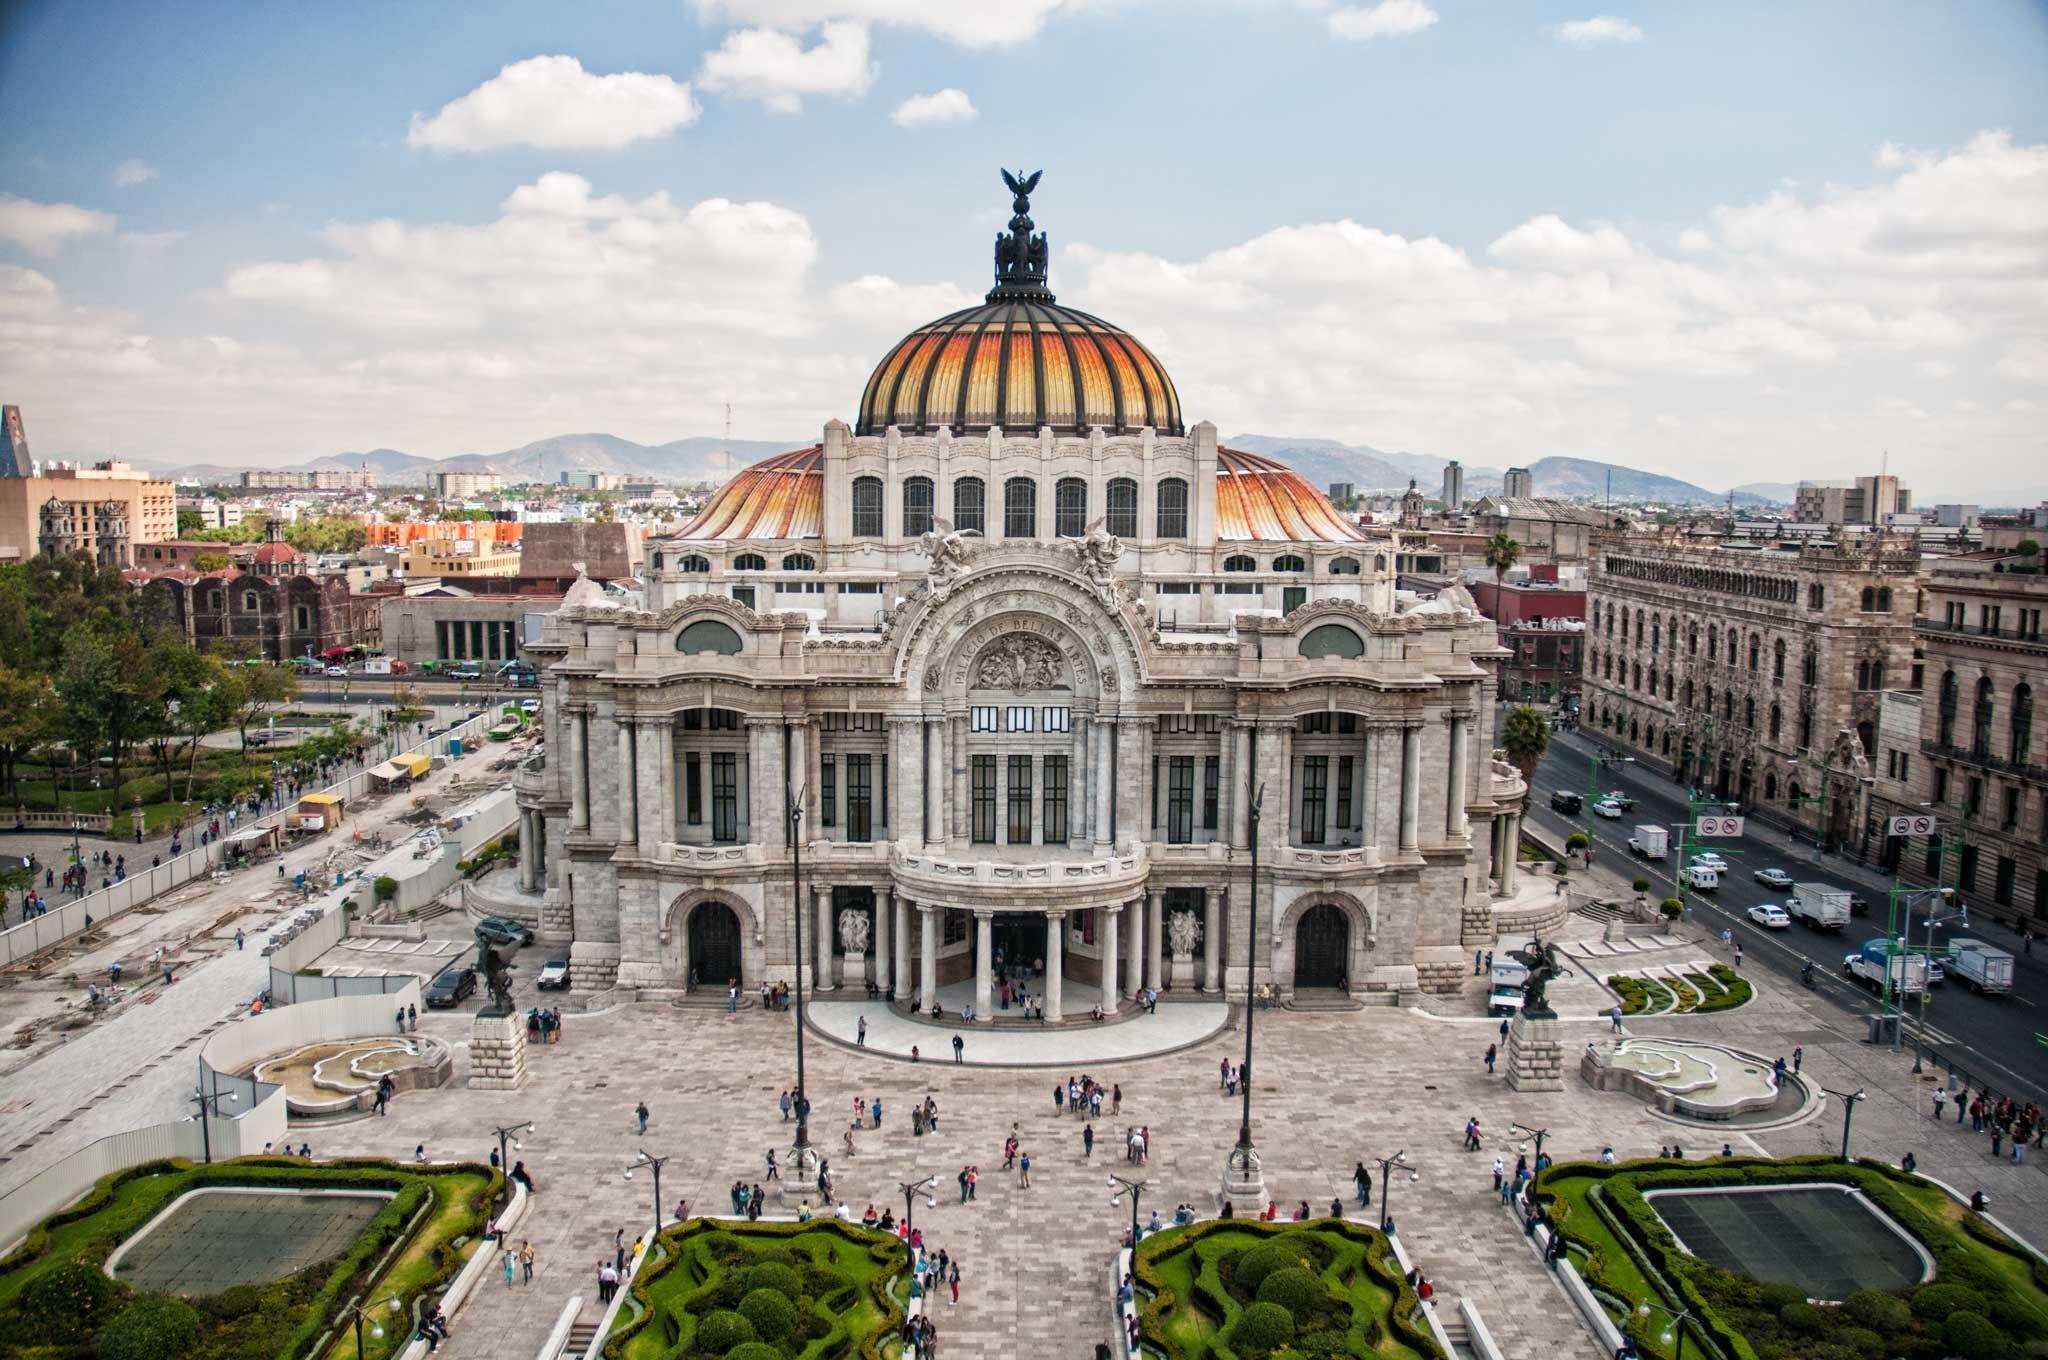 Palacio de Bellas Artes by Gabo Romero